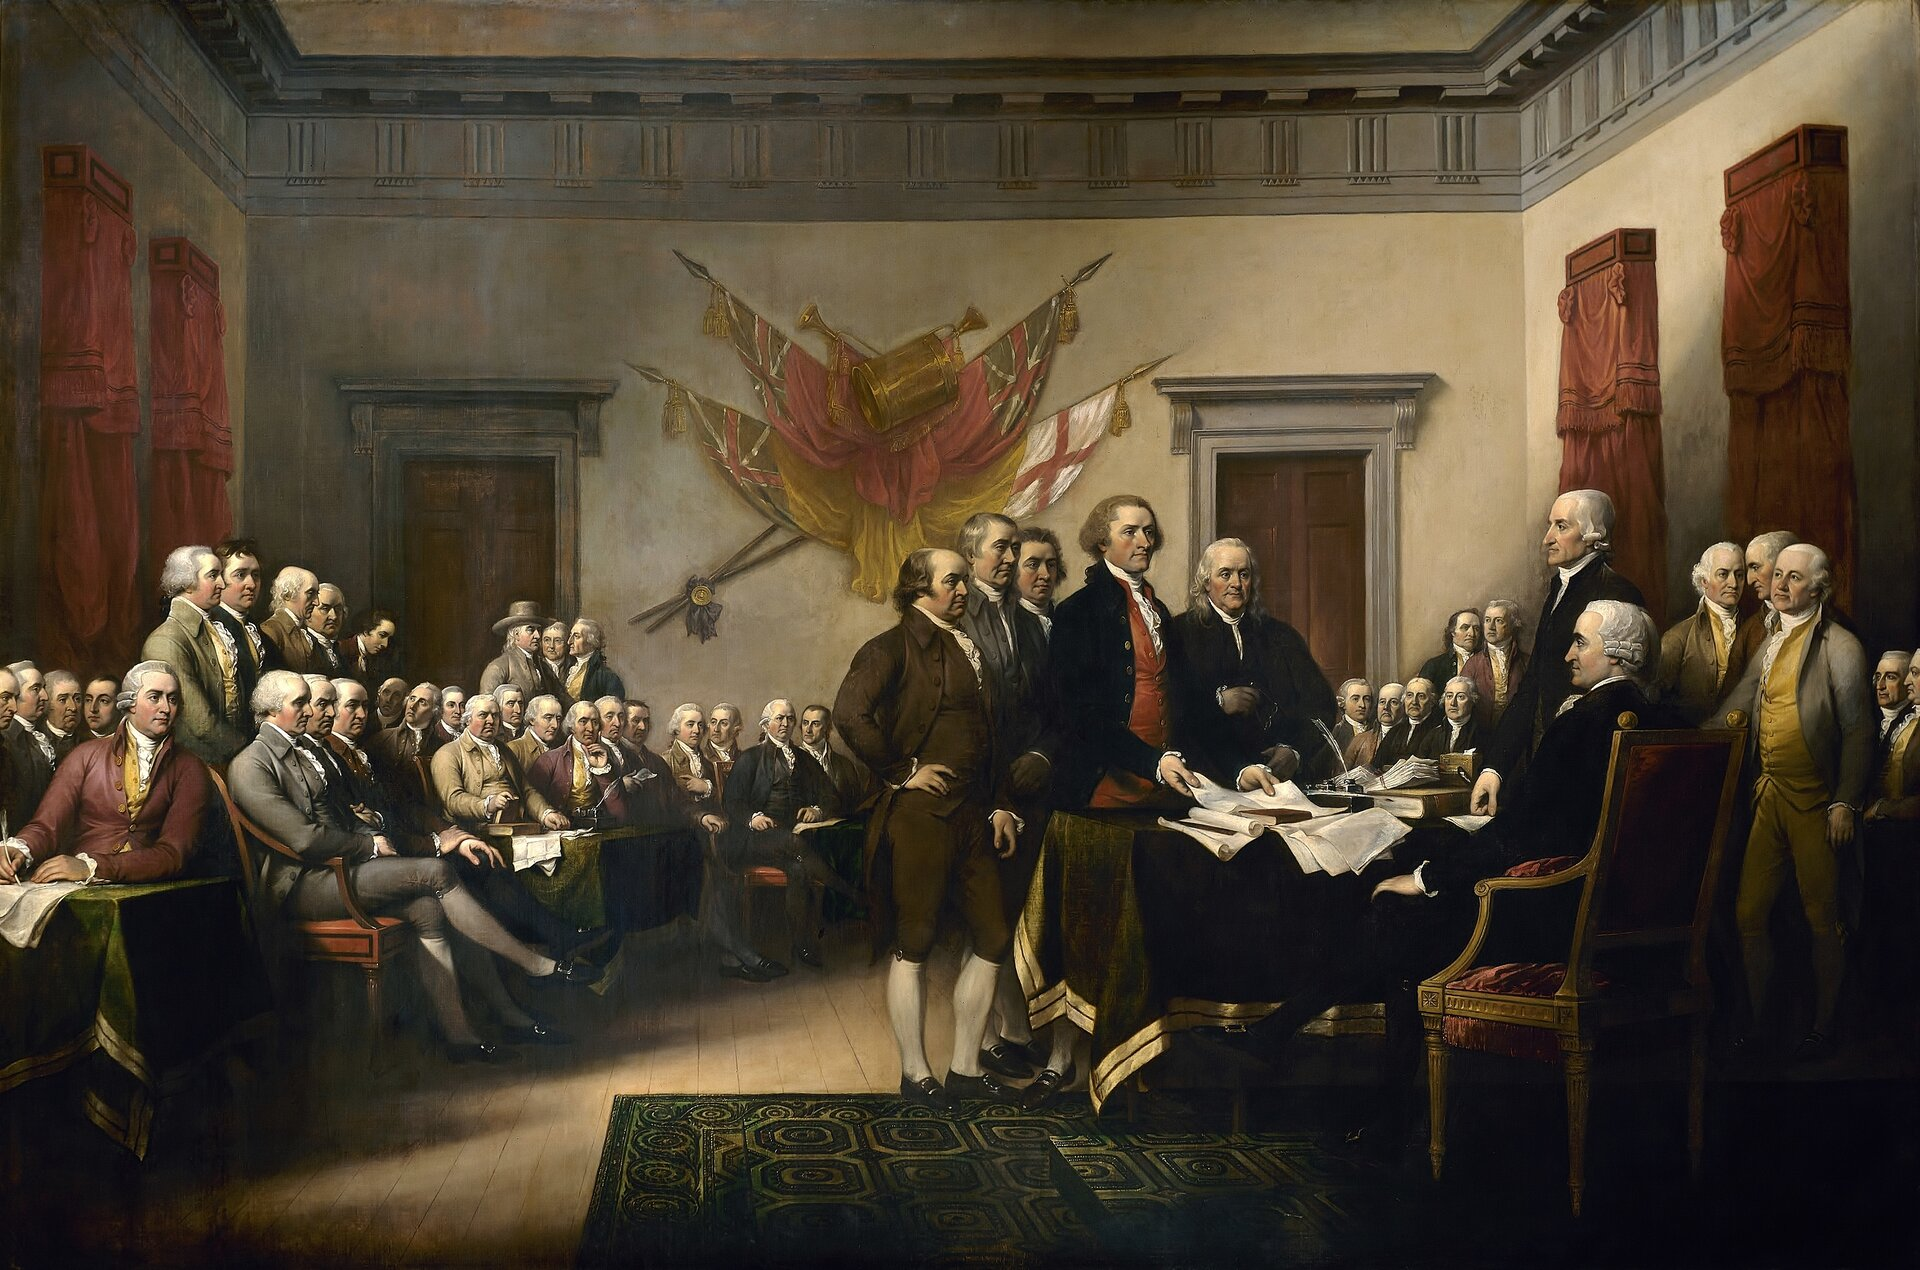 Obraz przedstawia podpisanie deklaracji niepodległości USA